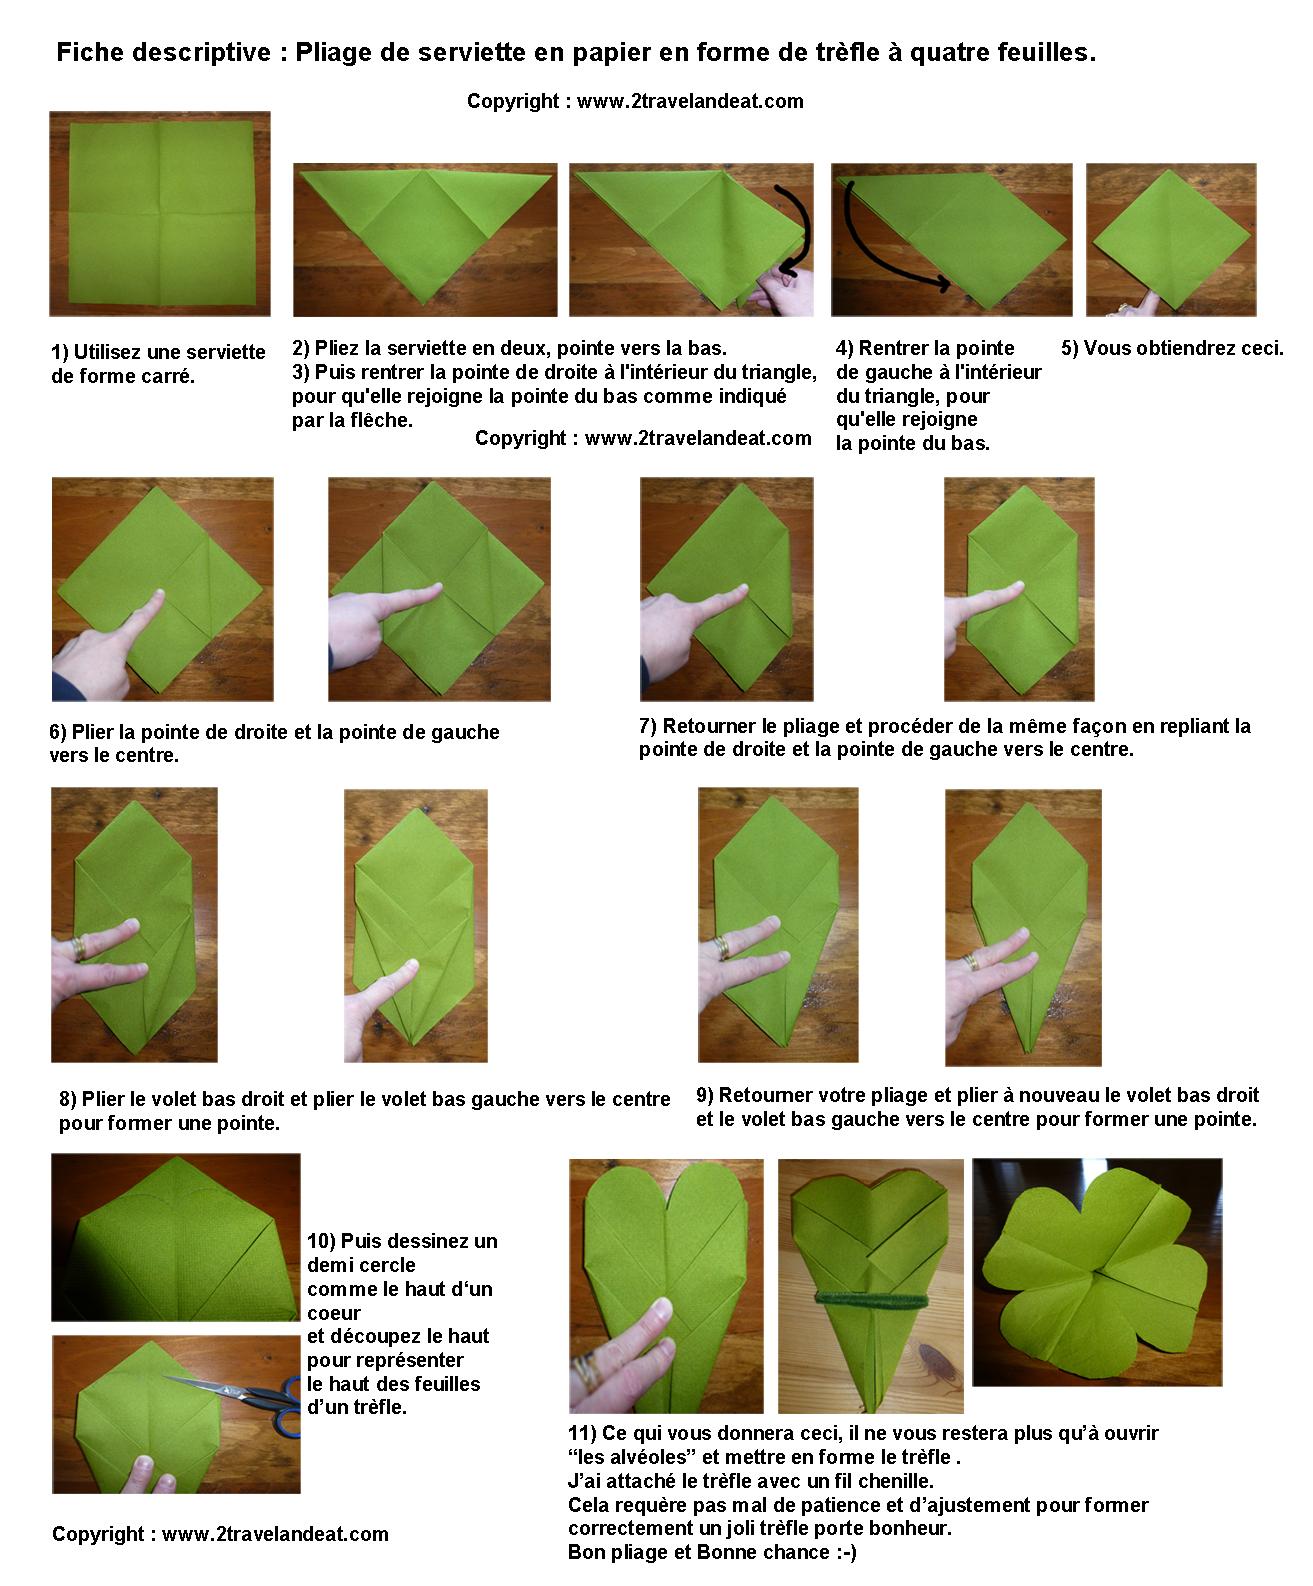 Pliage de serviette de table en forme de tr fle quatre feuilles plier une - Pliage de serviette en papier feuille ...